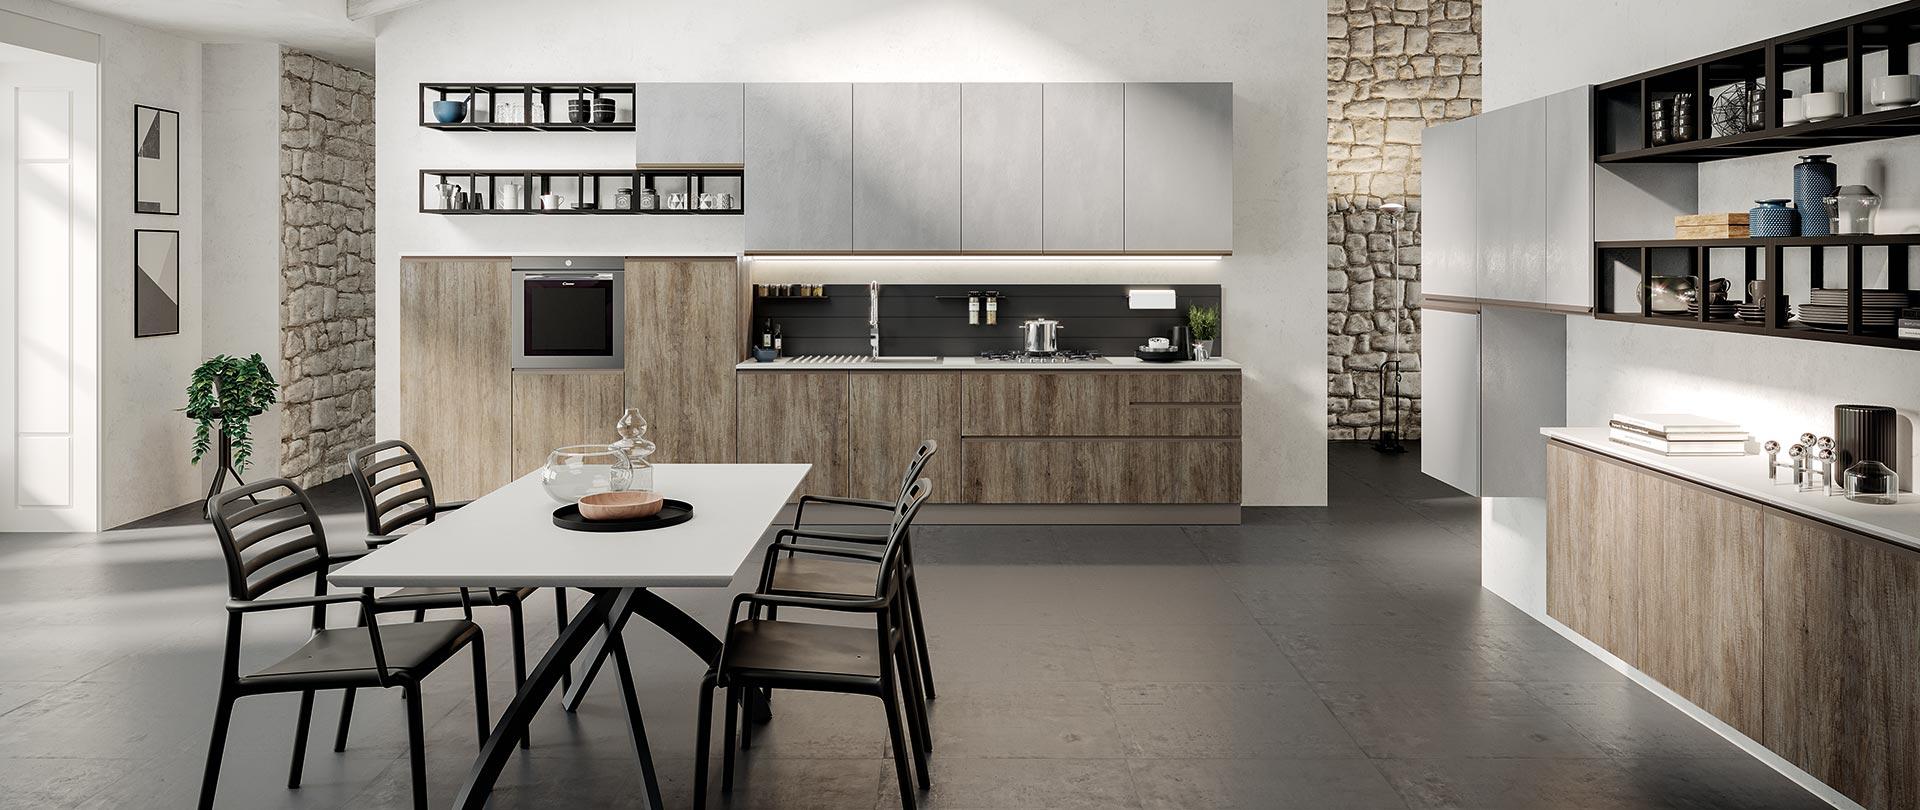 cucina moderna maia cemento grigio legno naturale